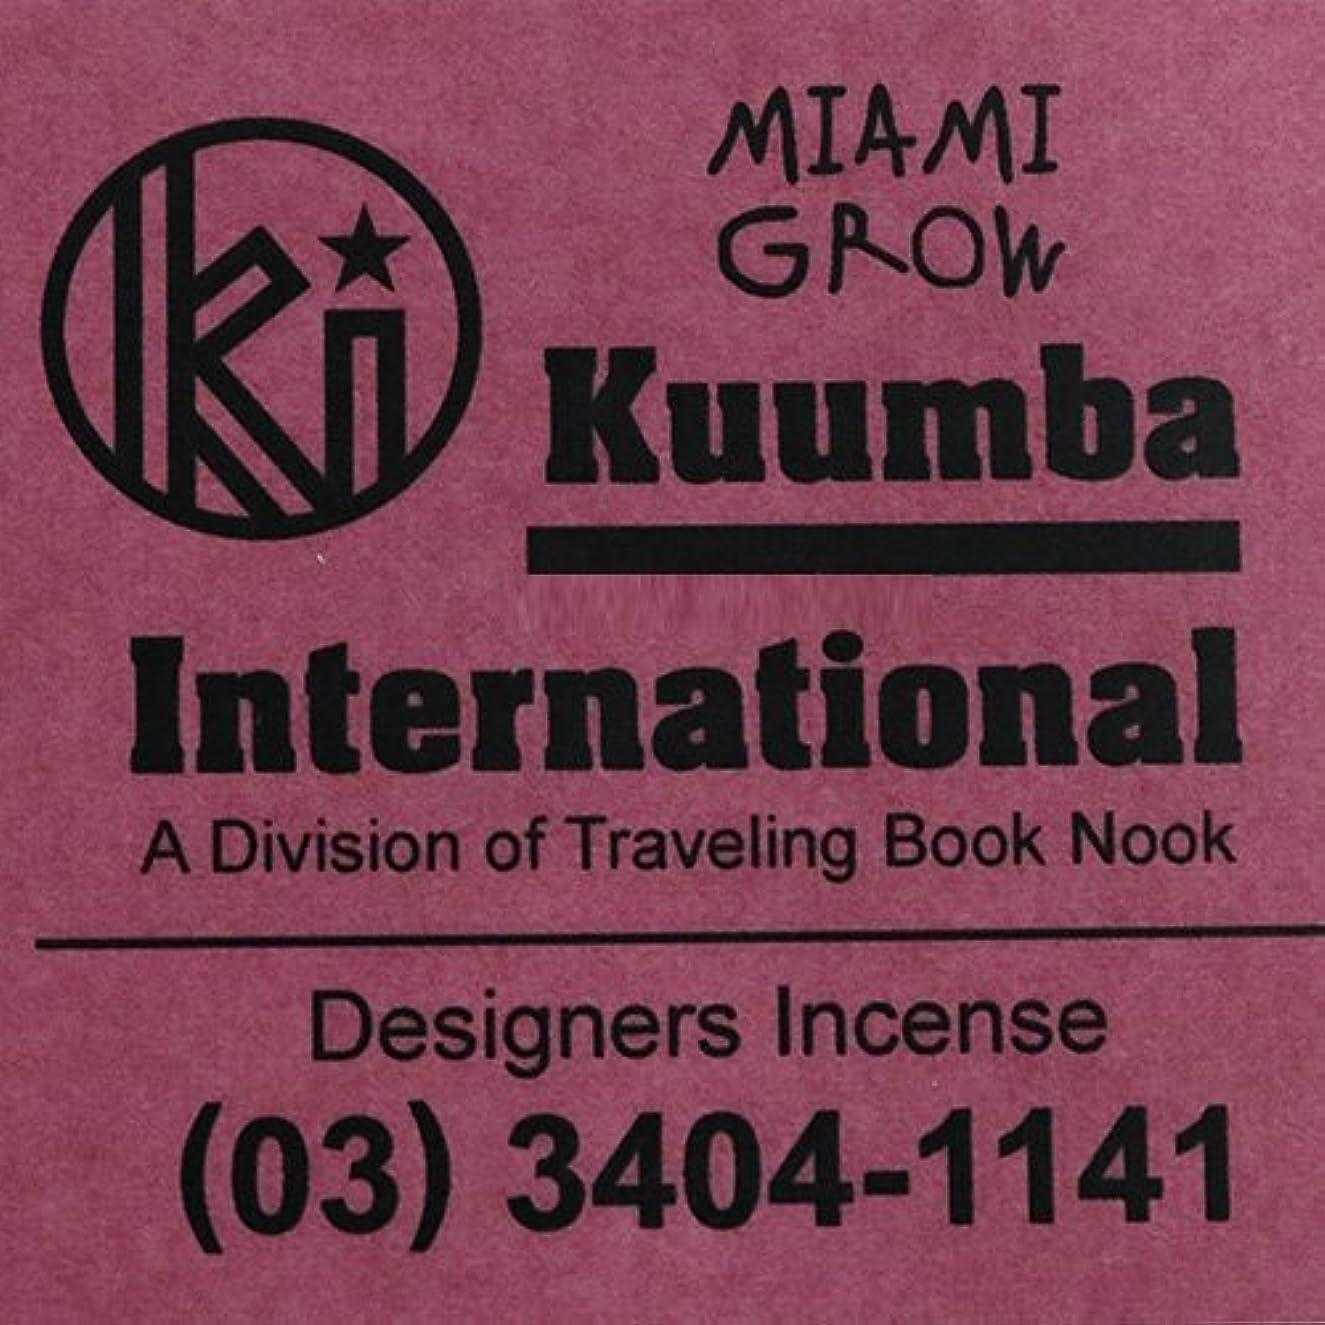 ゼロ独創的規制(クンバ) KUUMBA『incense』(MIAMI GROW) (Regular size)